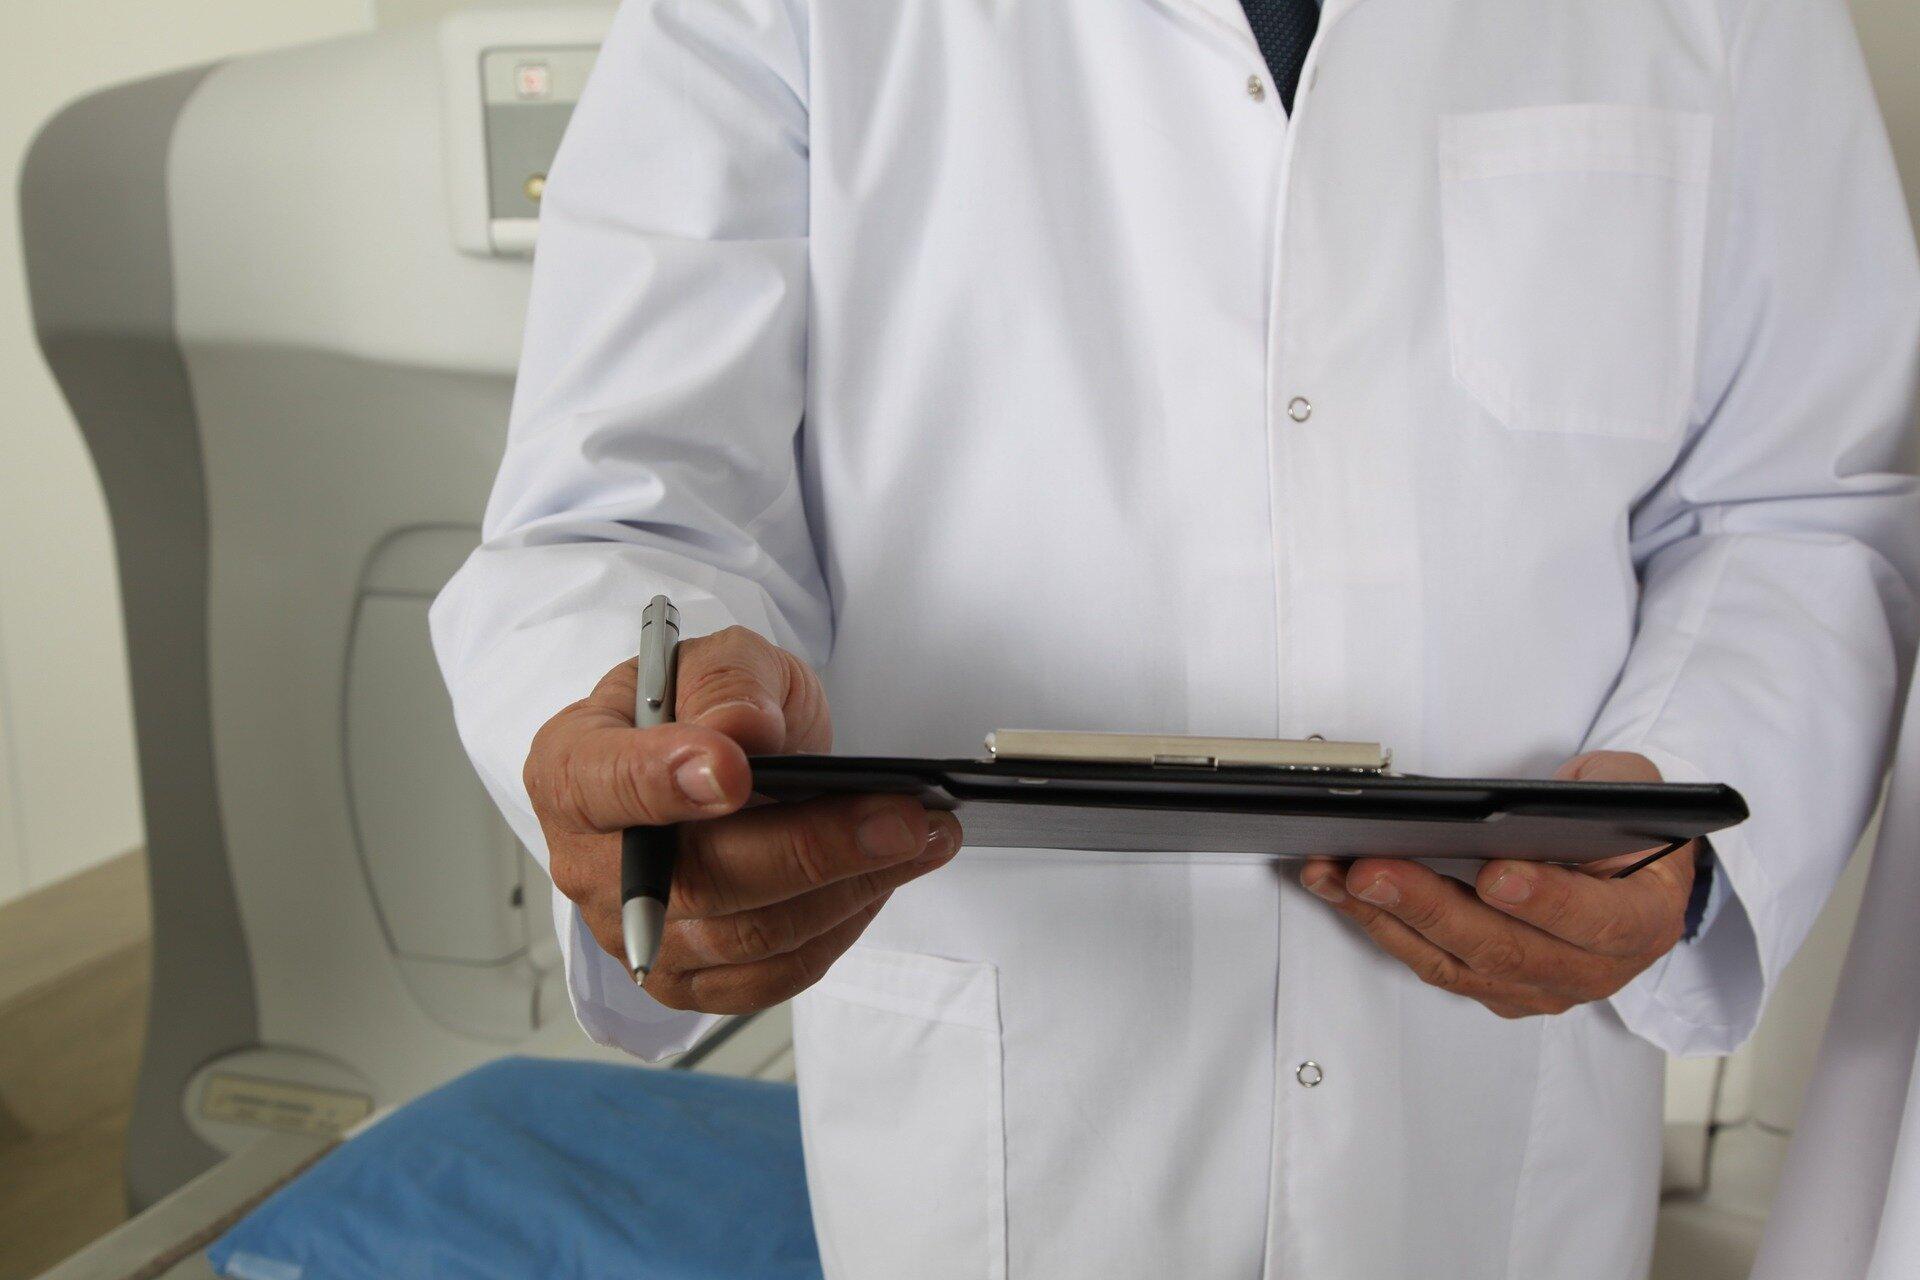 """Vertrauen auf tech, tägliche Belastung verursachen """" professionelle Einsamkeit im Gesundheitswesen"""